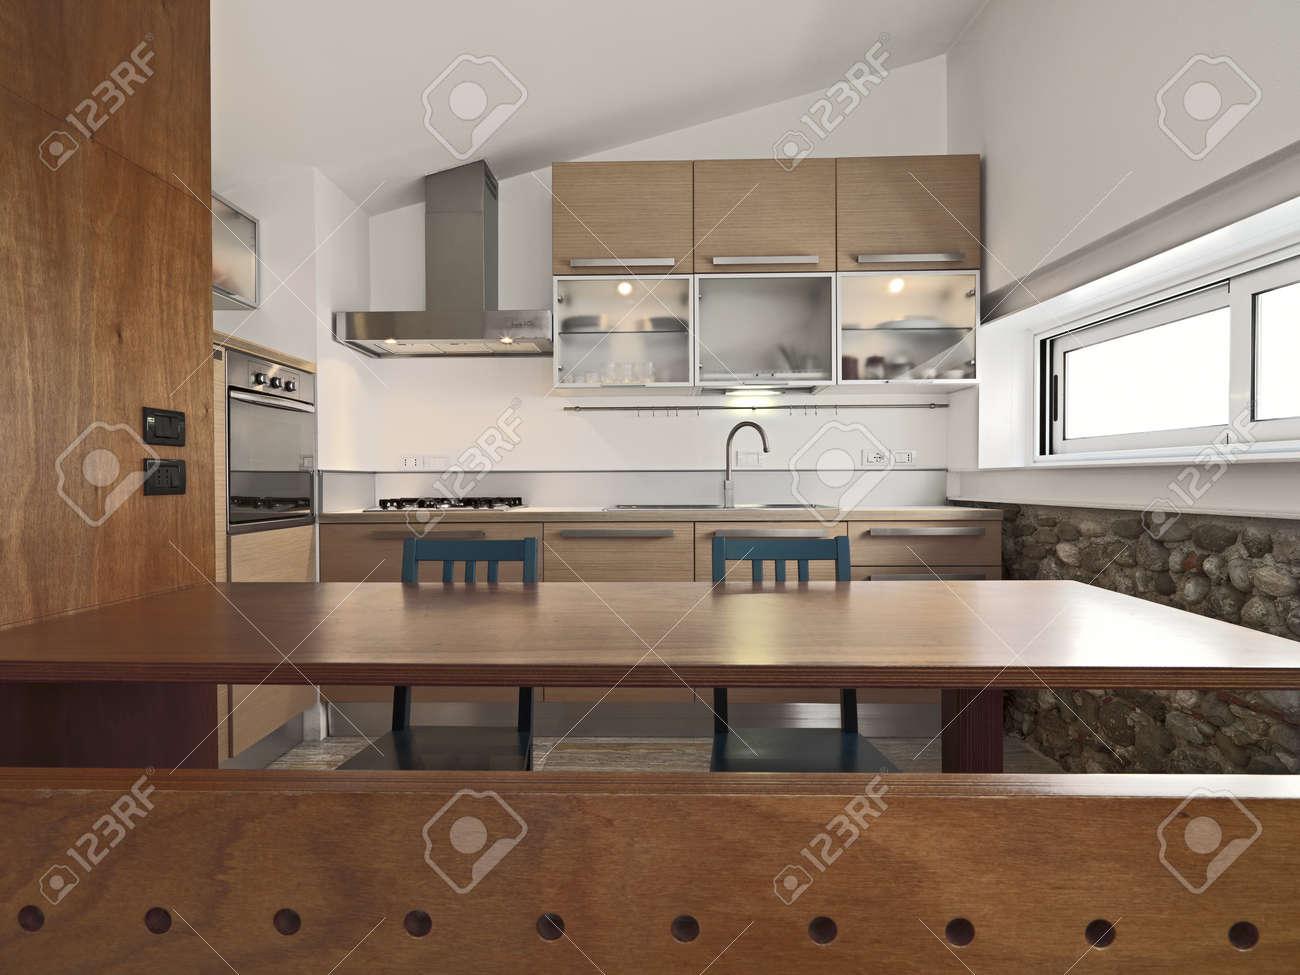 Vue De L Interieur D Une Cuisine Moderne En Bois Avec Ilot Et